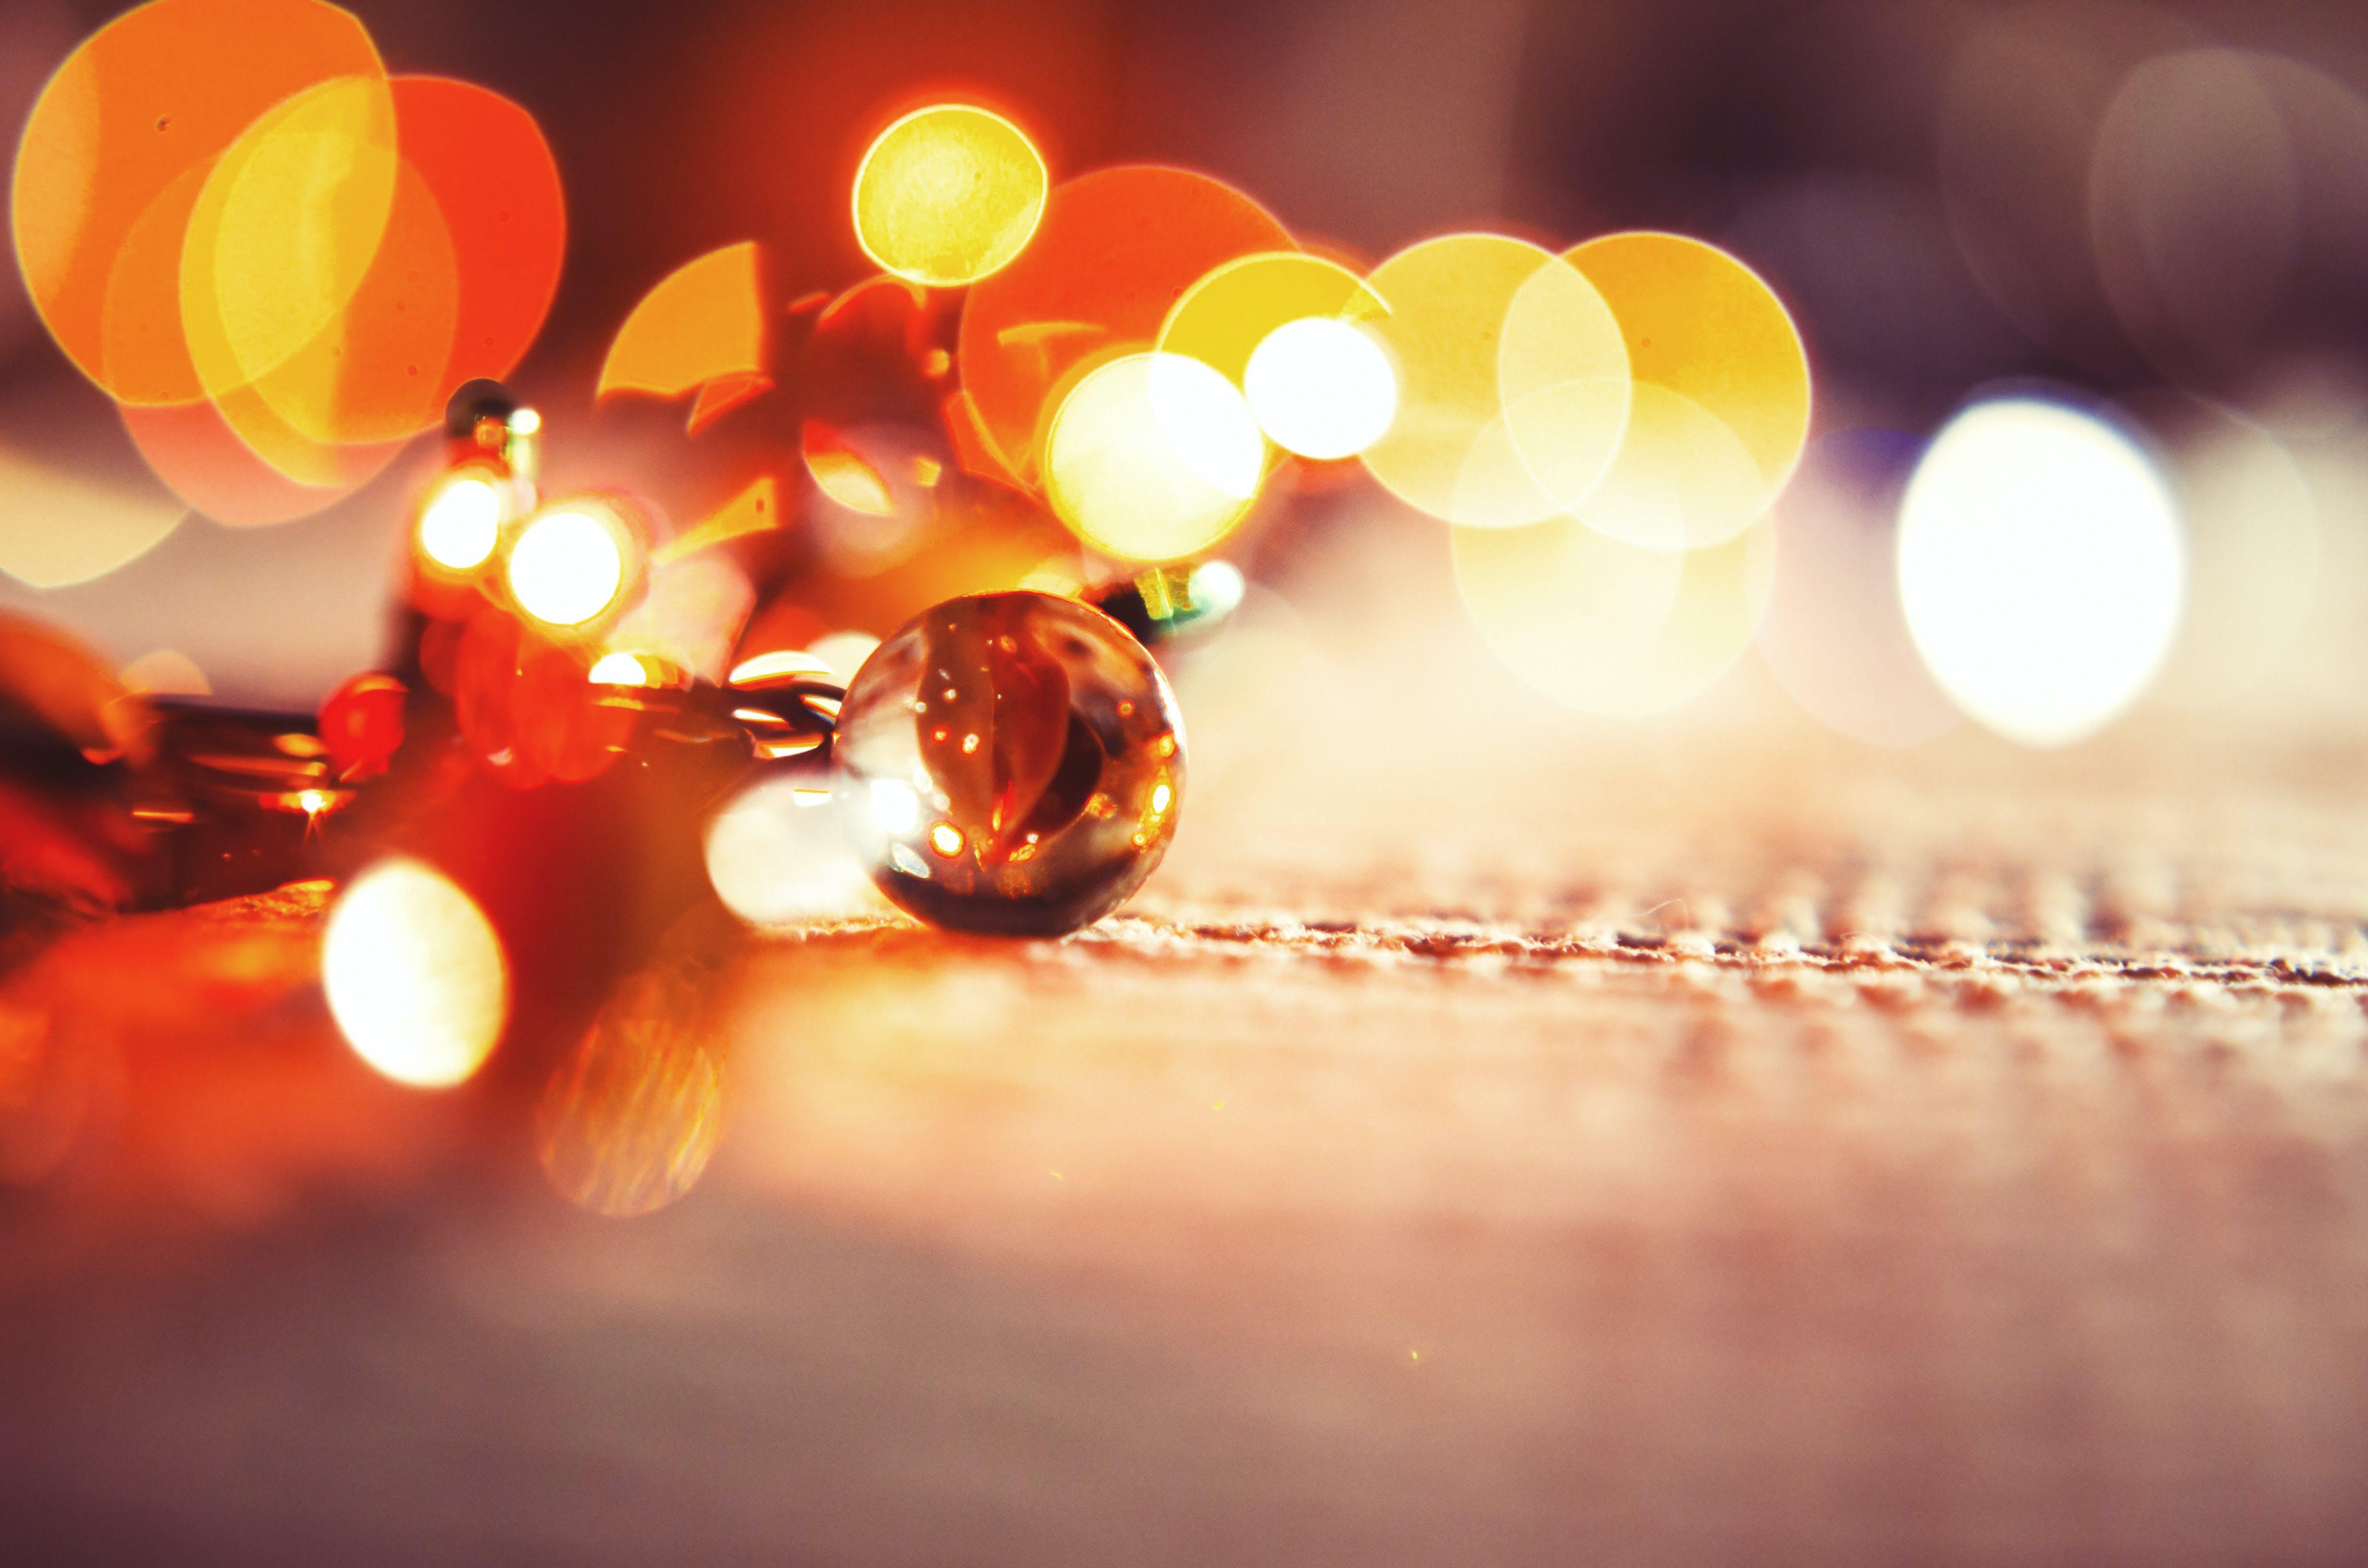 Gratis stockfoto met belicht, blurry, fel, helder